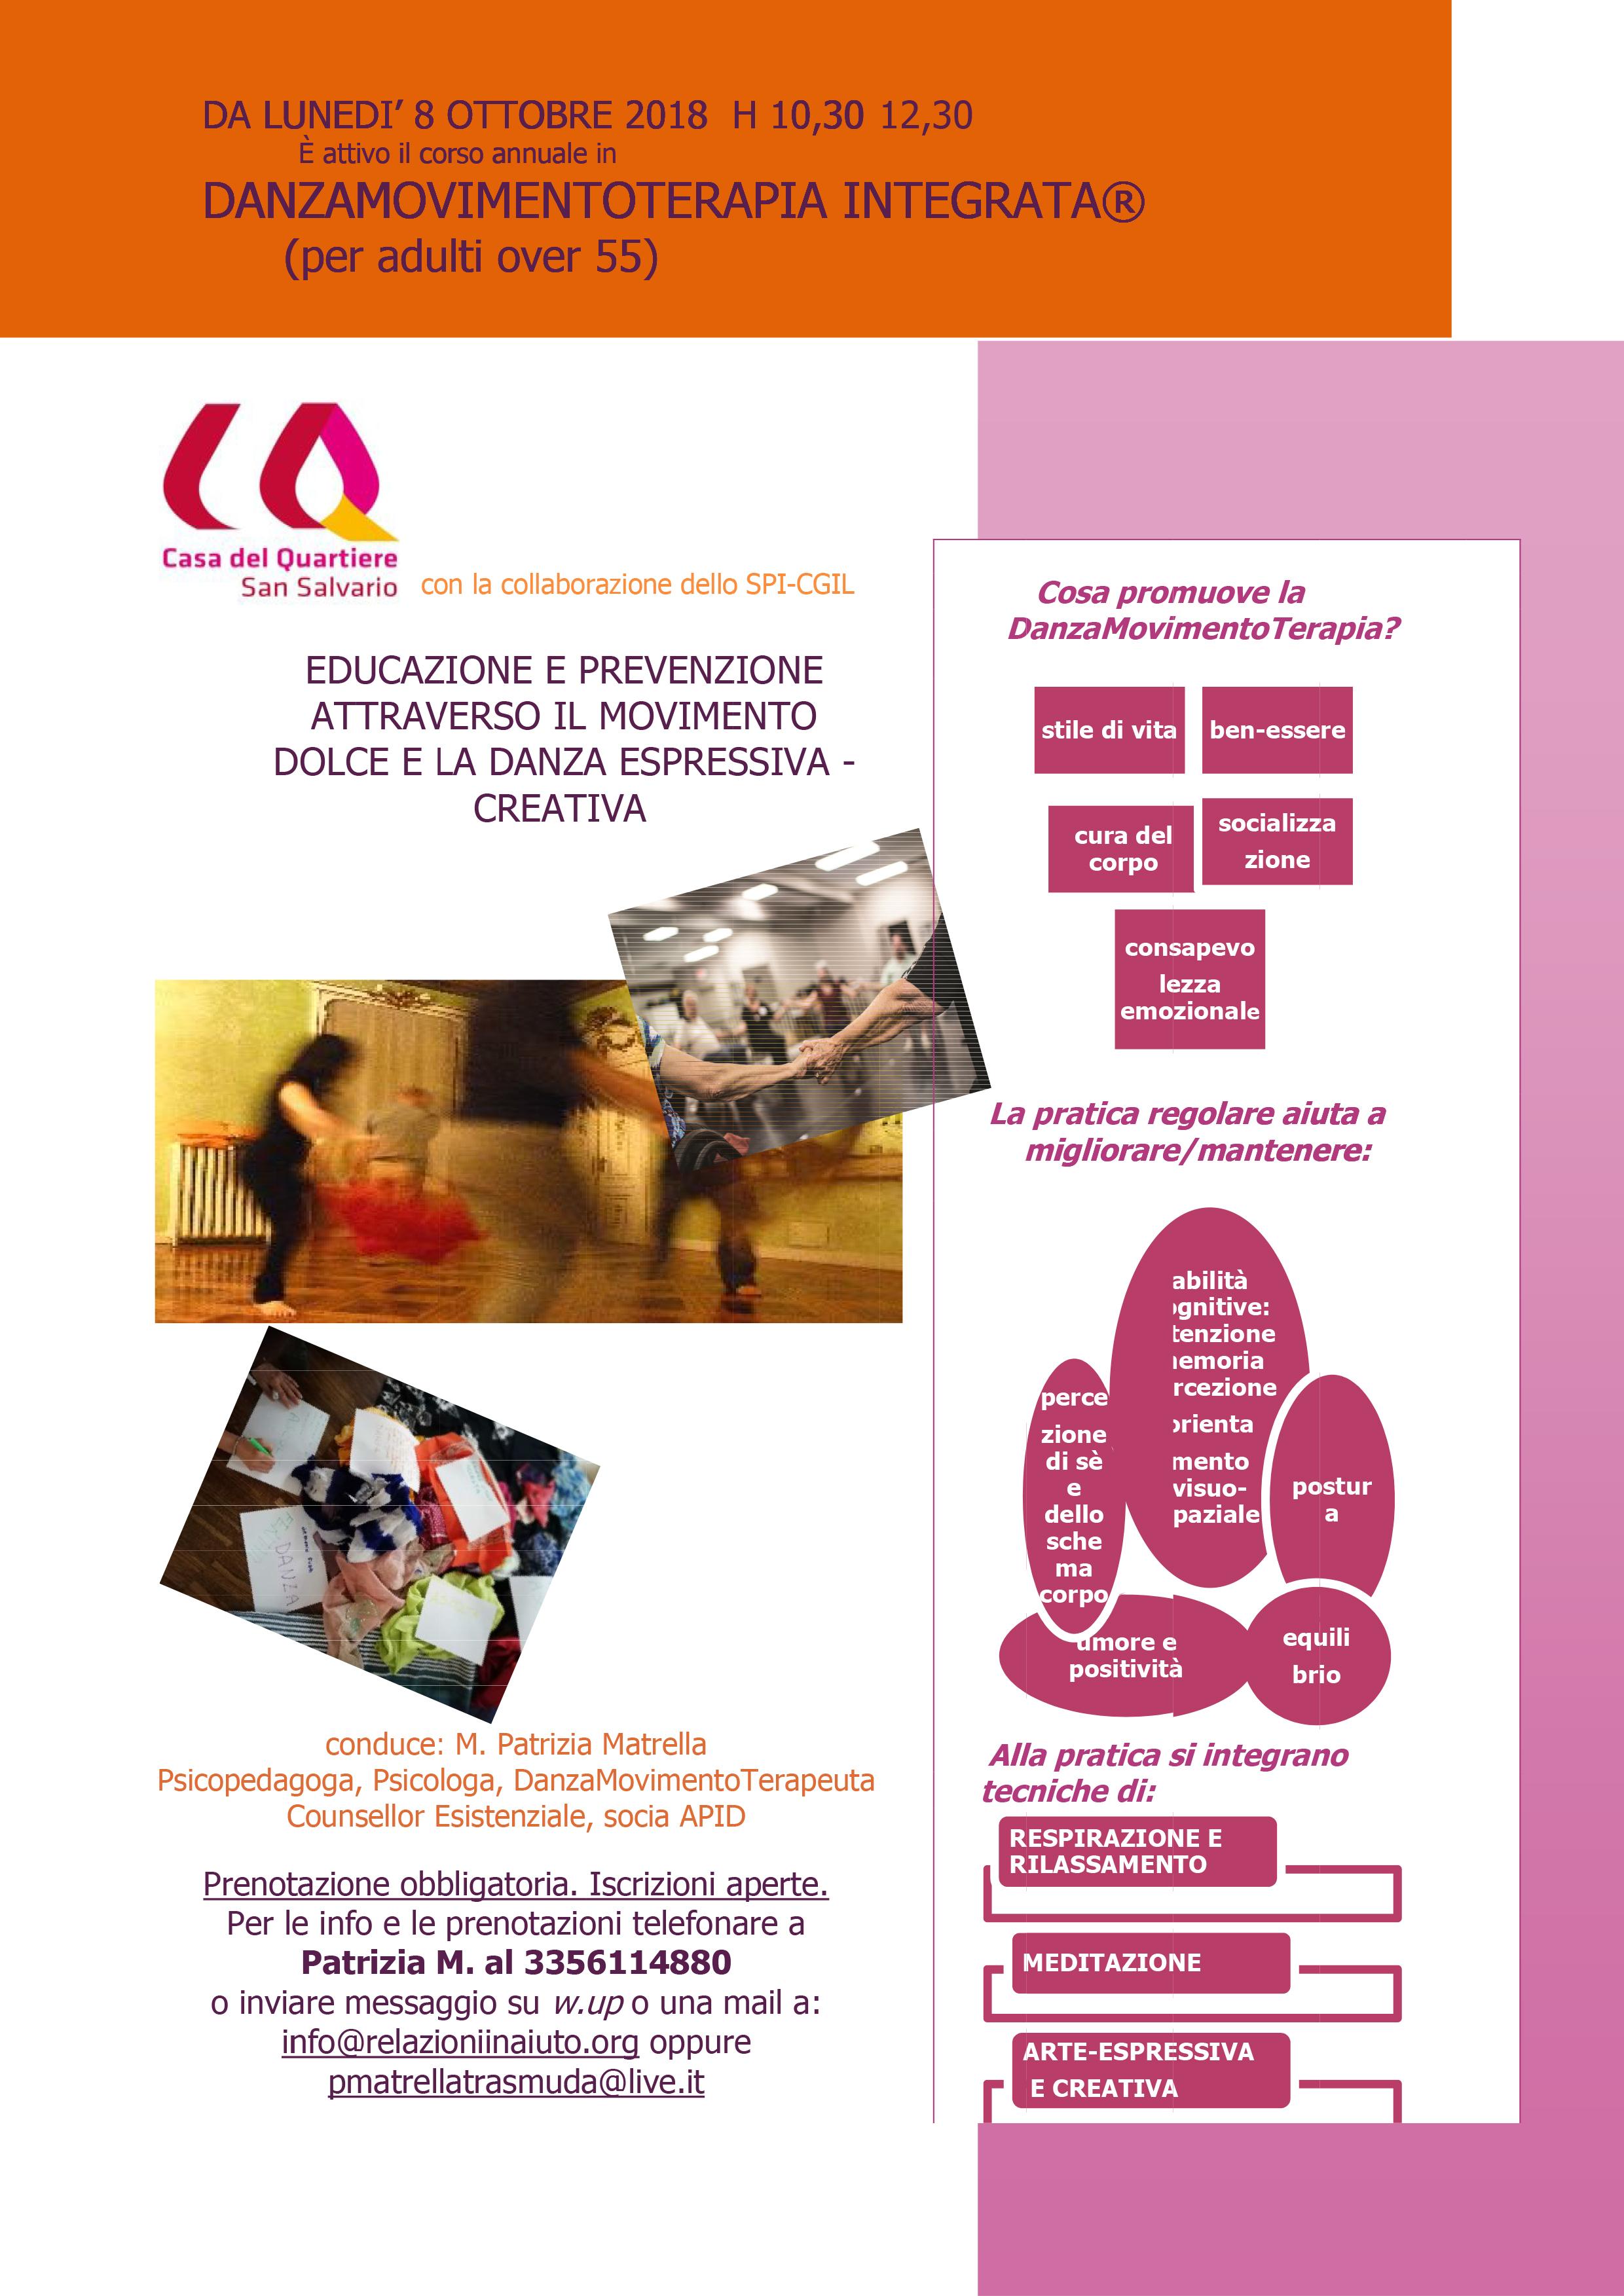 DanzaMovimentoTerapia Integrata per la terza età